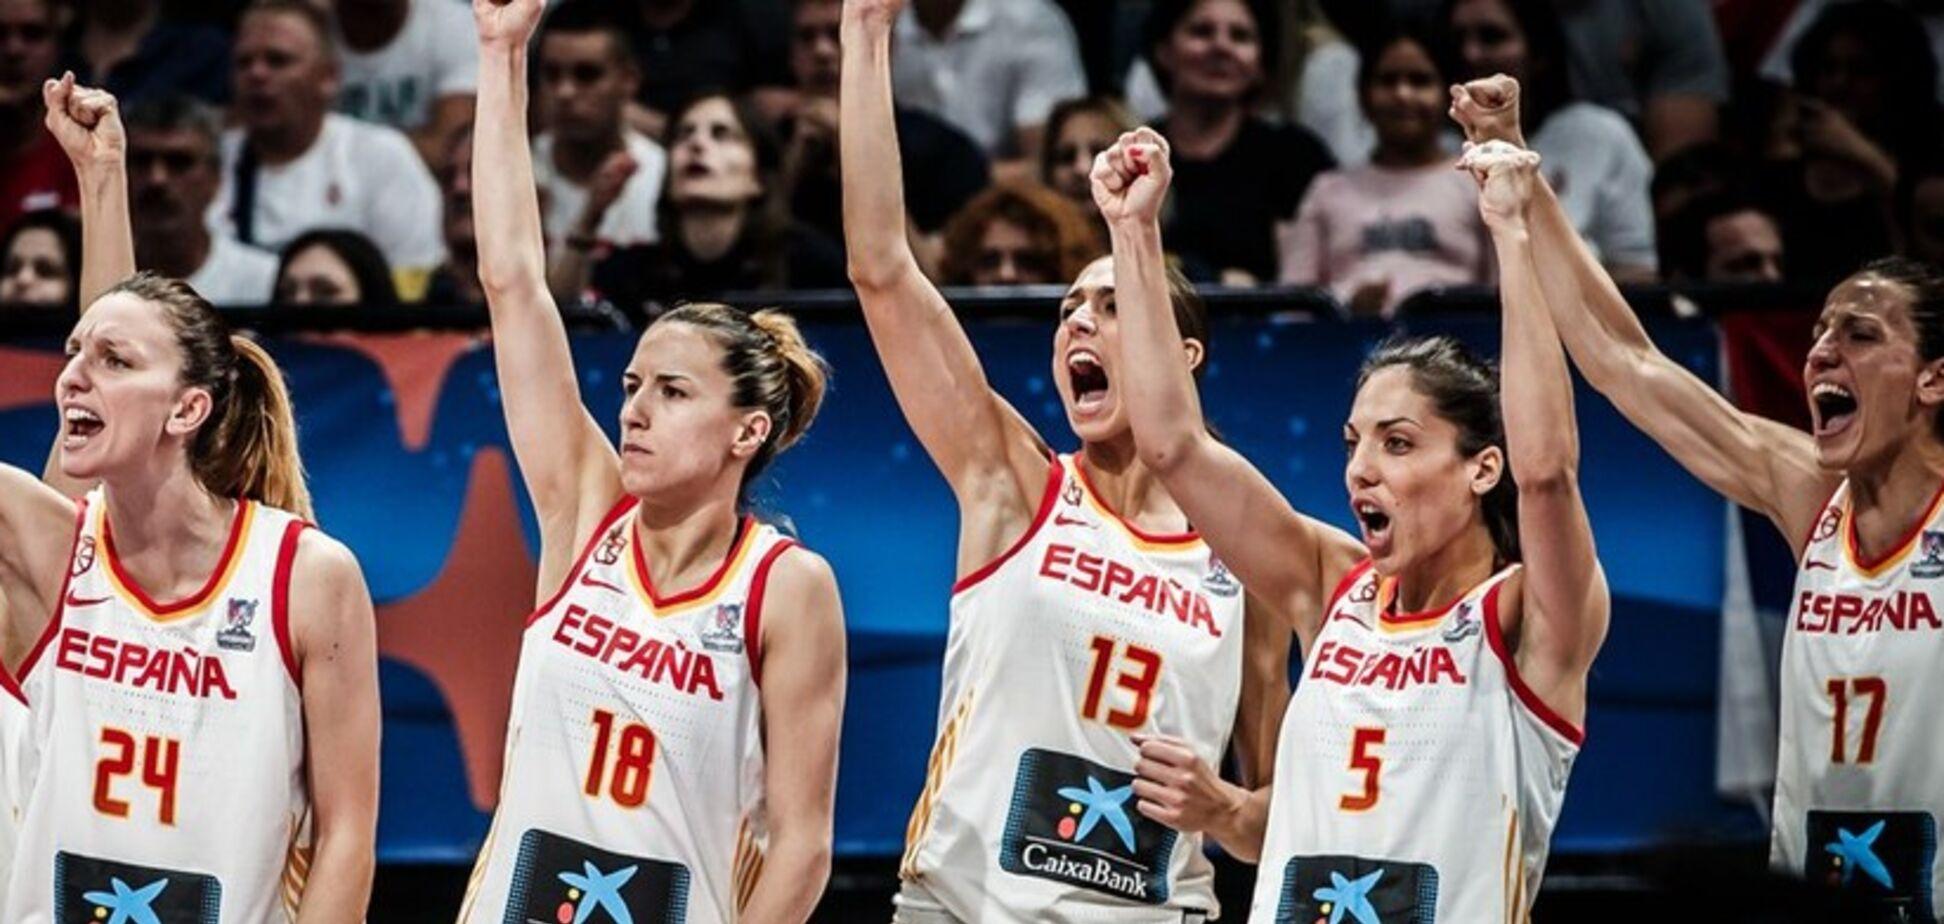 Визначилися фіналістки Євробаскету-2019